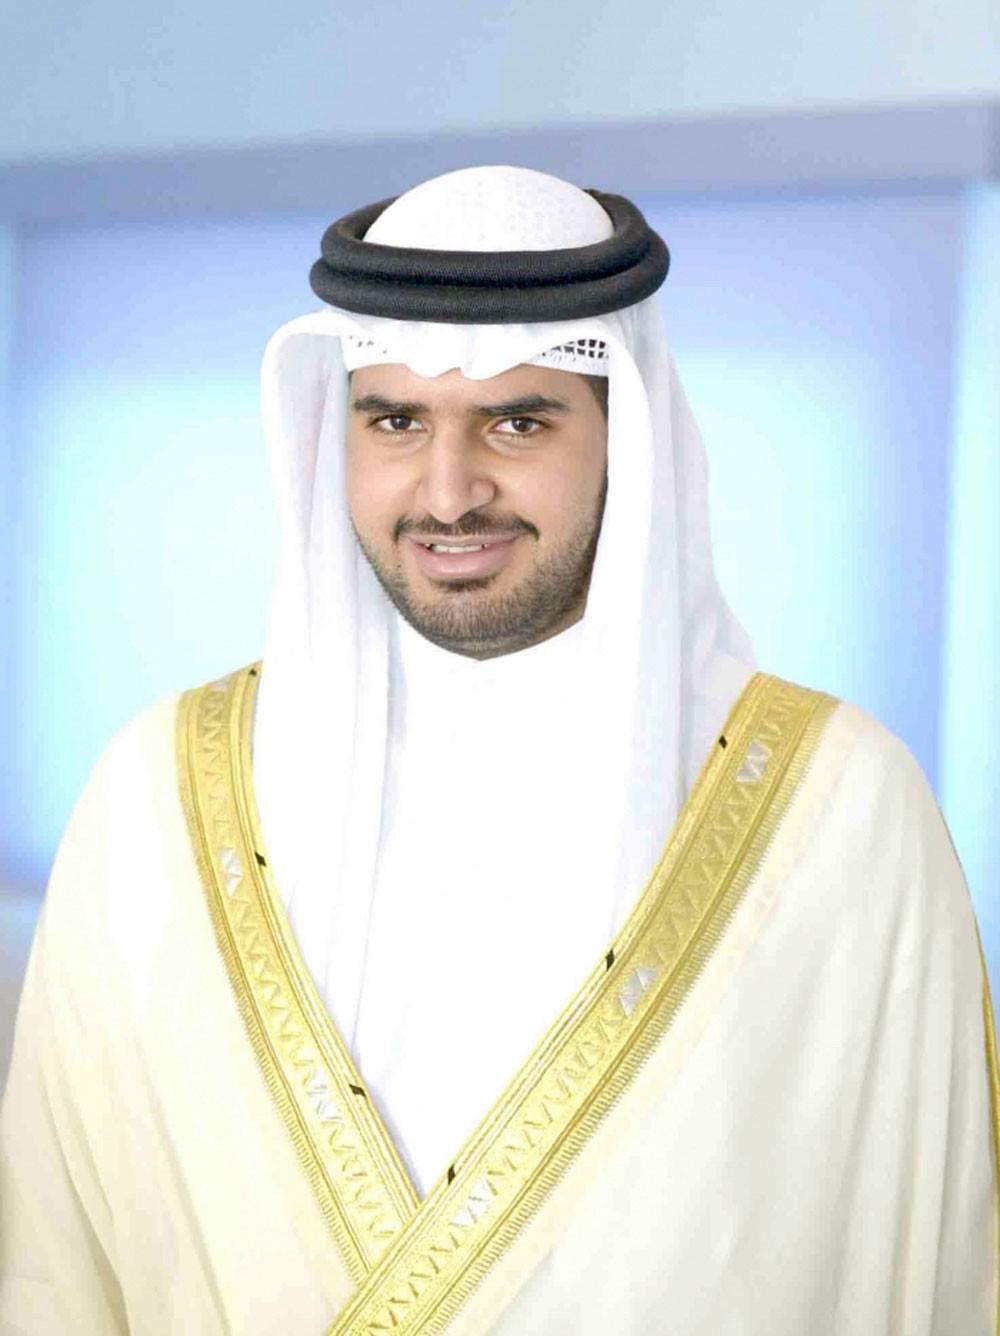 سمو الشيخ عيسى بن علي حريص على استقطاب الكفاءات لتطوير السلة البحرينية